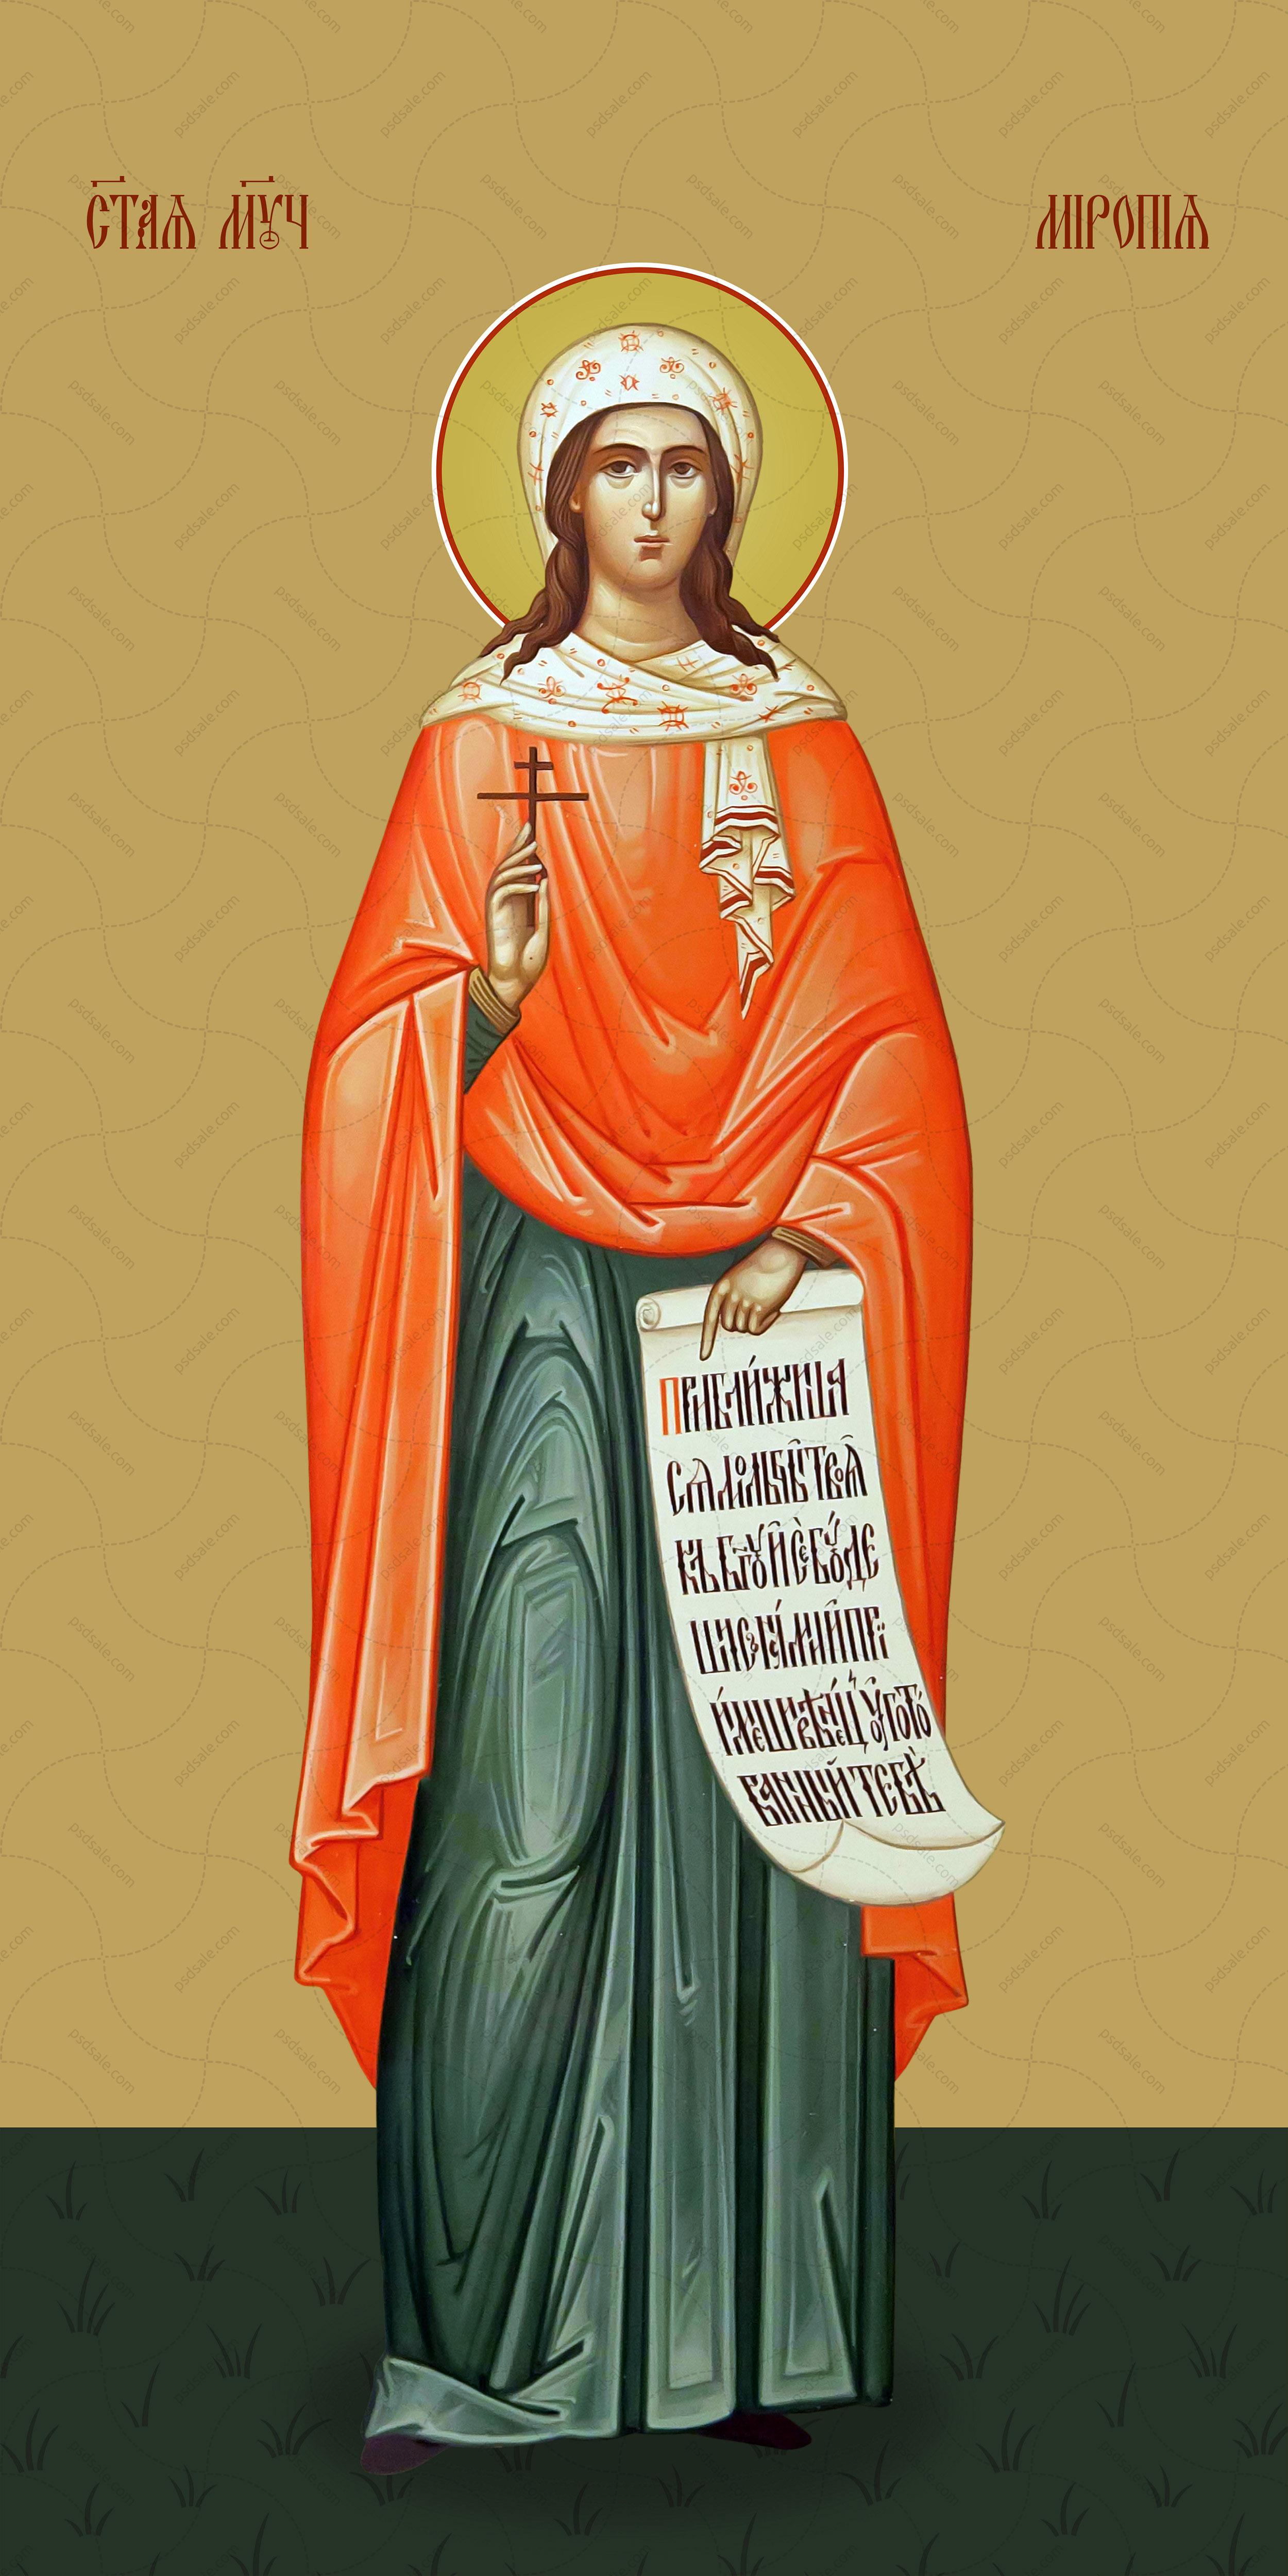 Мерная икона, Миропия Хиосская, святая мученица